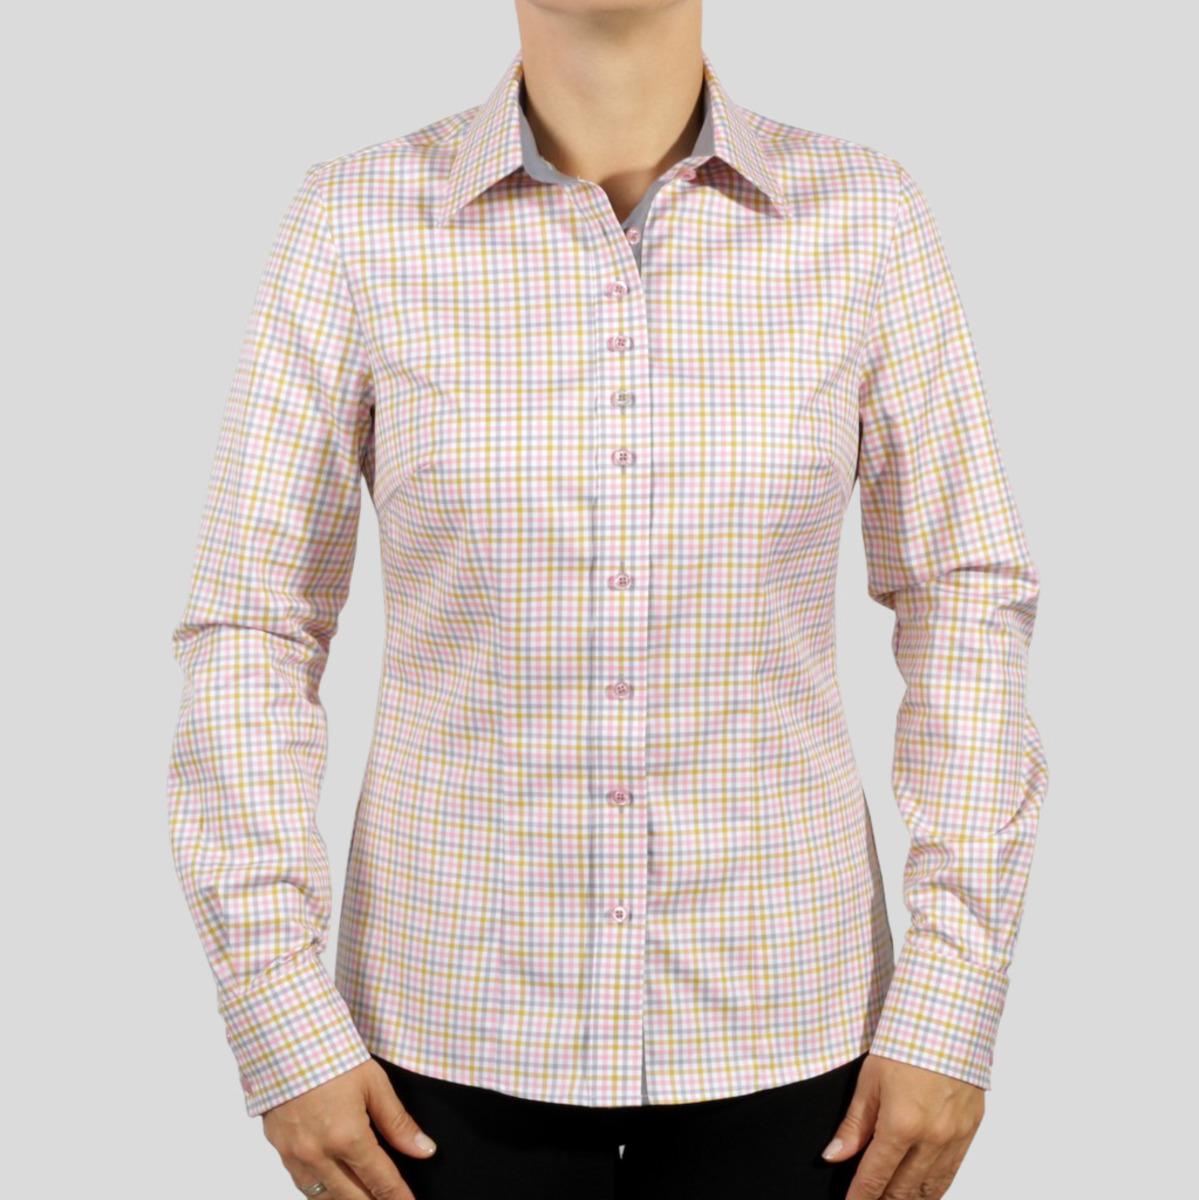 Dámská košile Willsoor 8488 v bílé barvě s barevnou kostkou 34